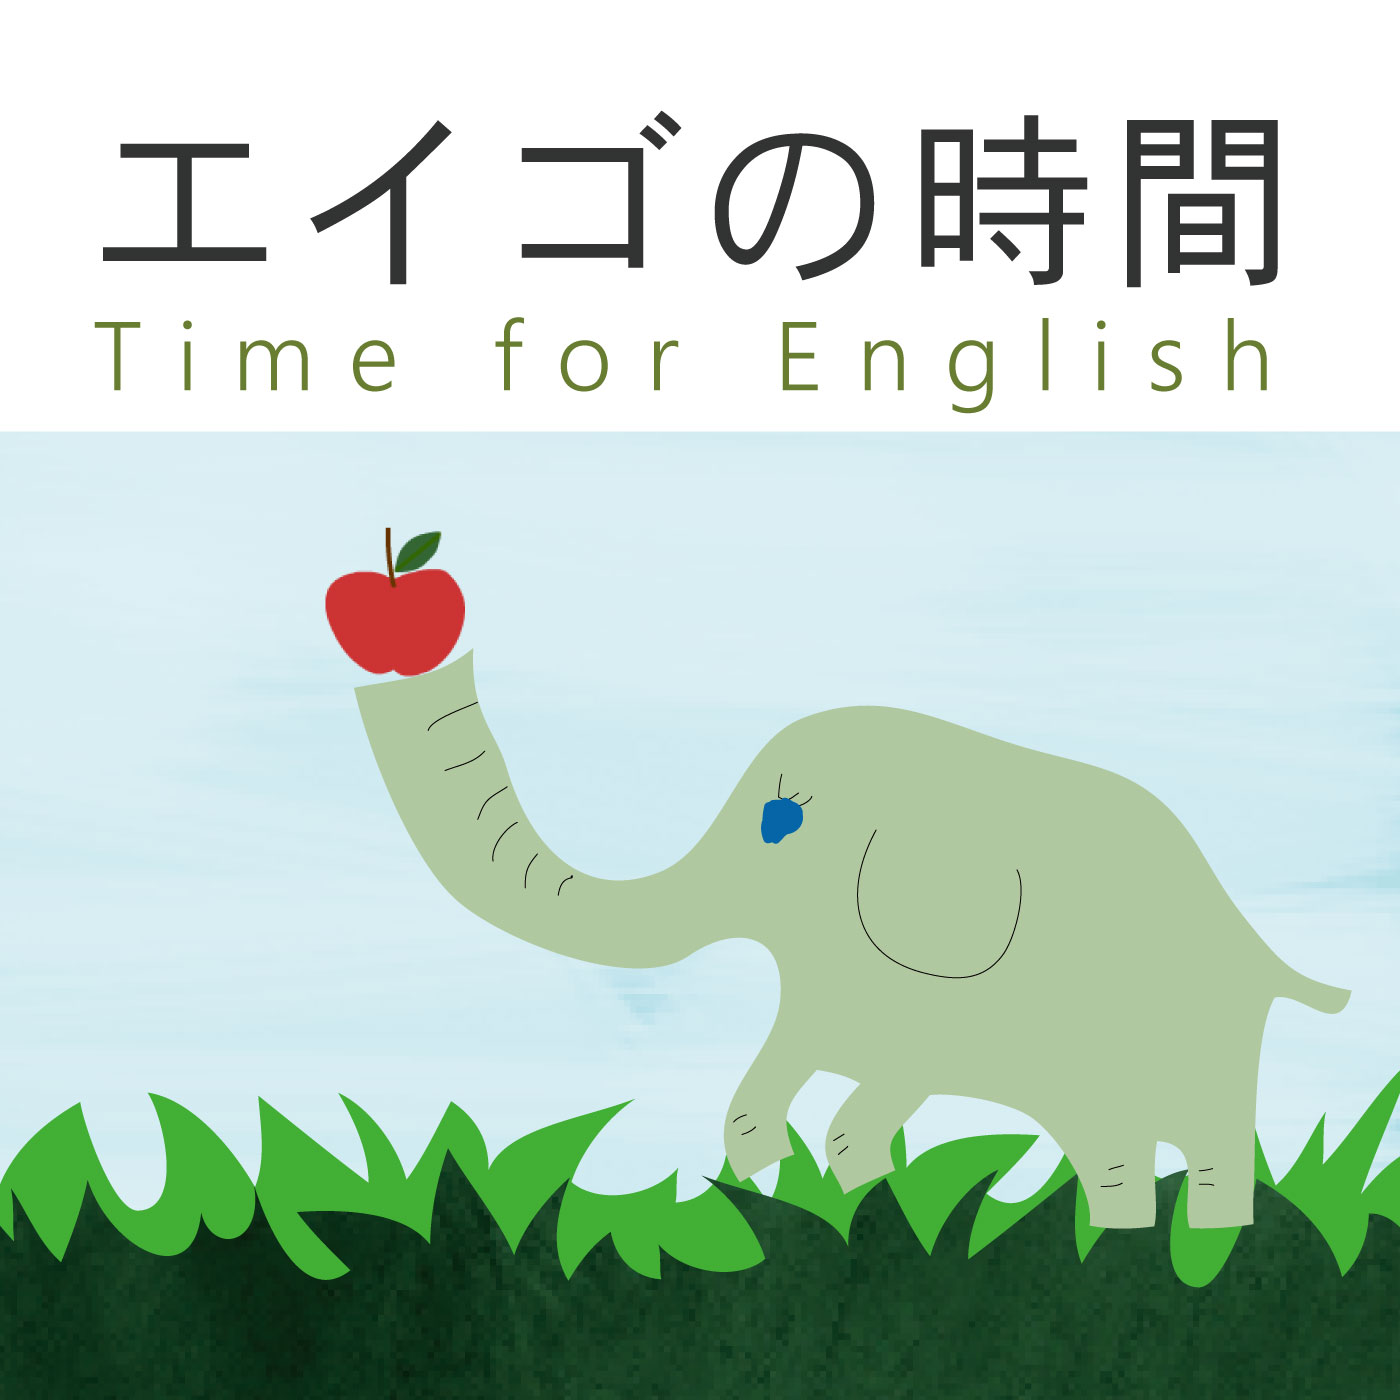 エイゴの時間 – Time for English